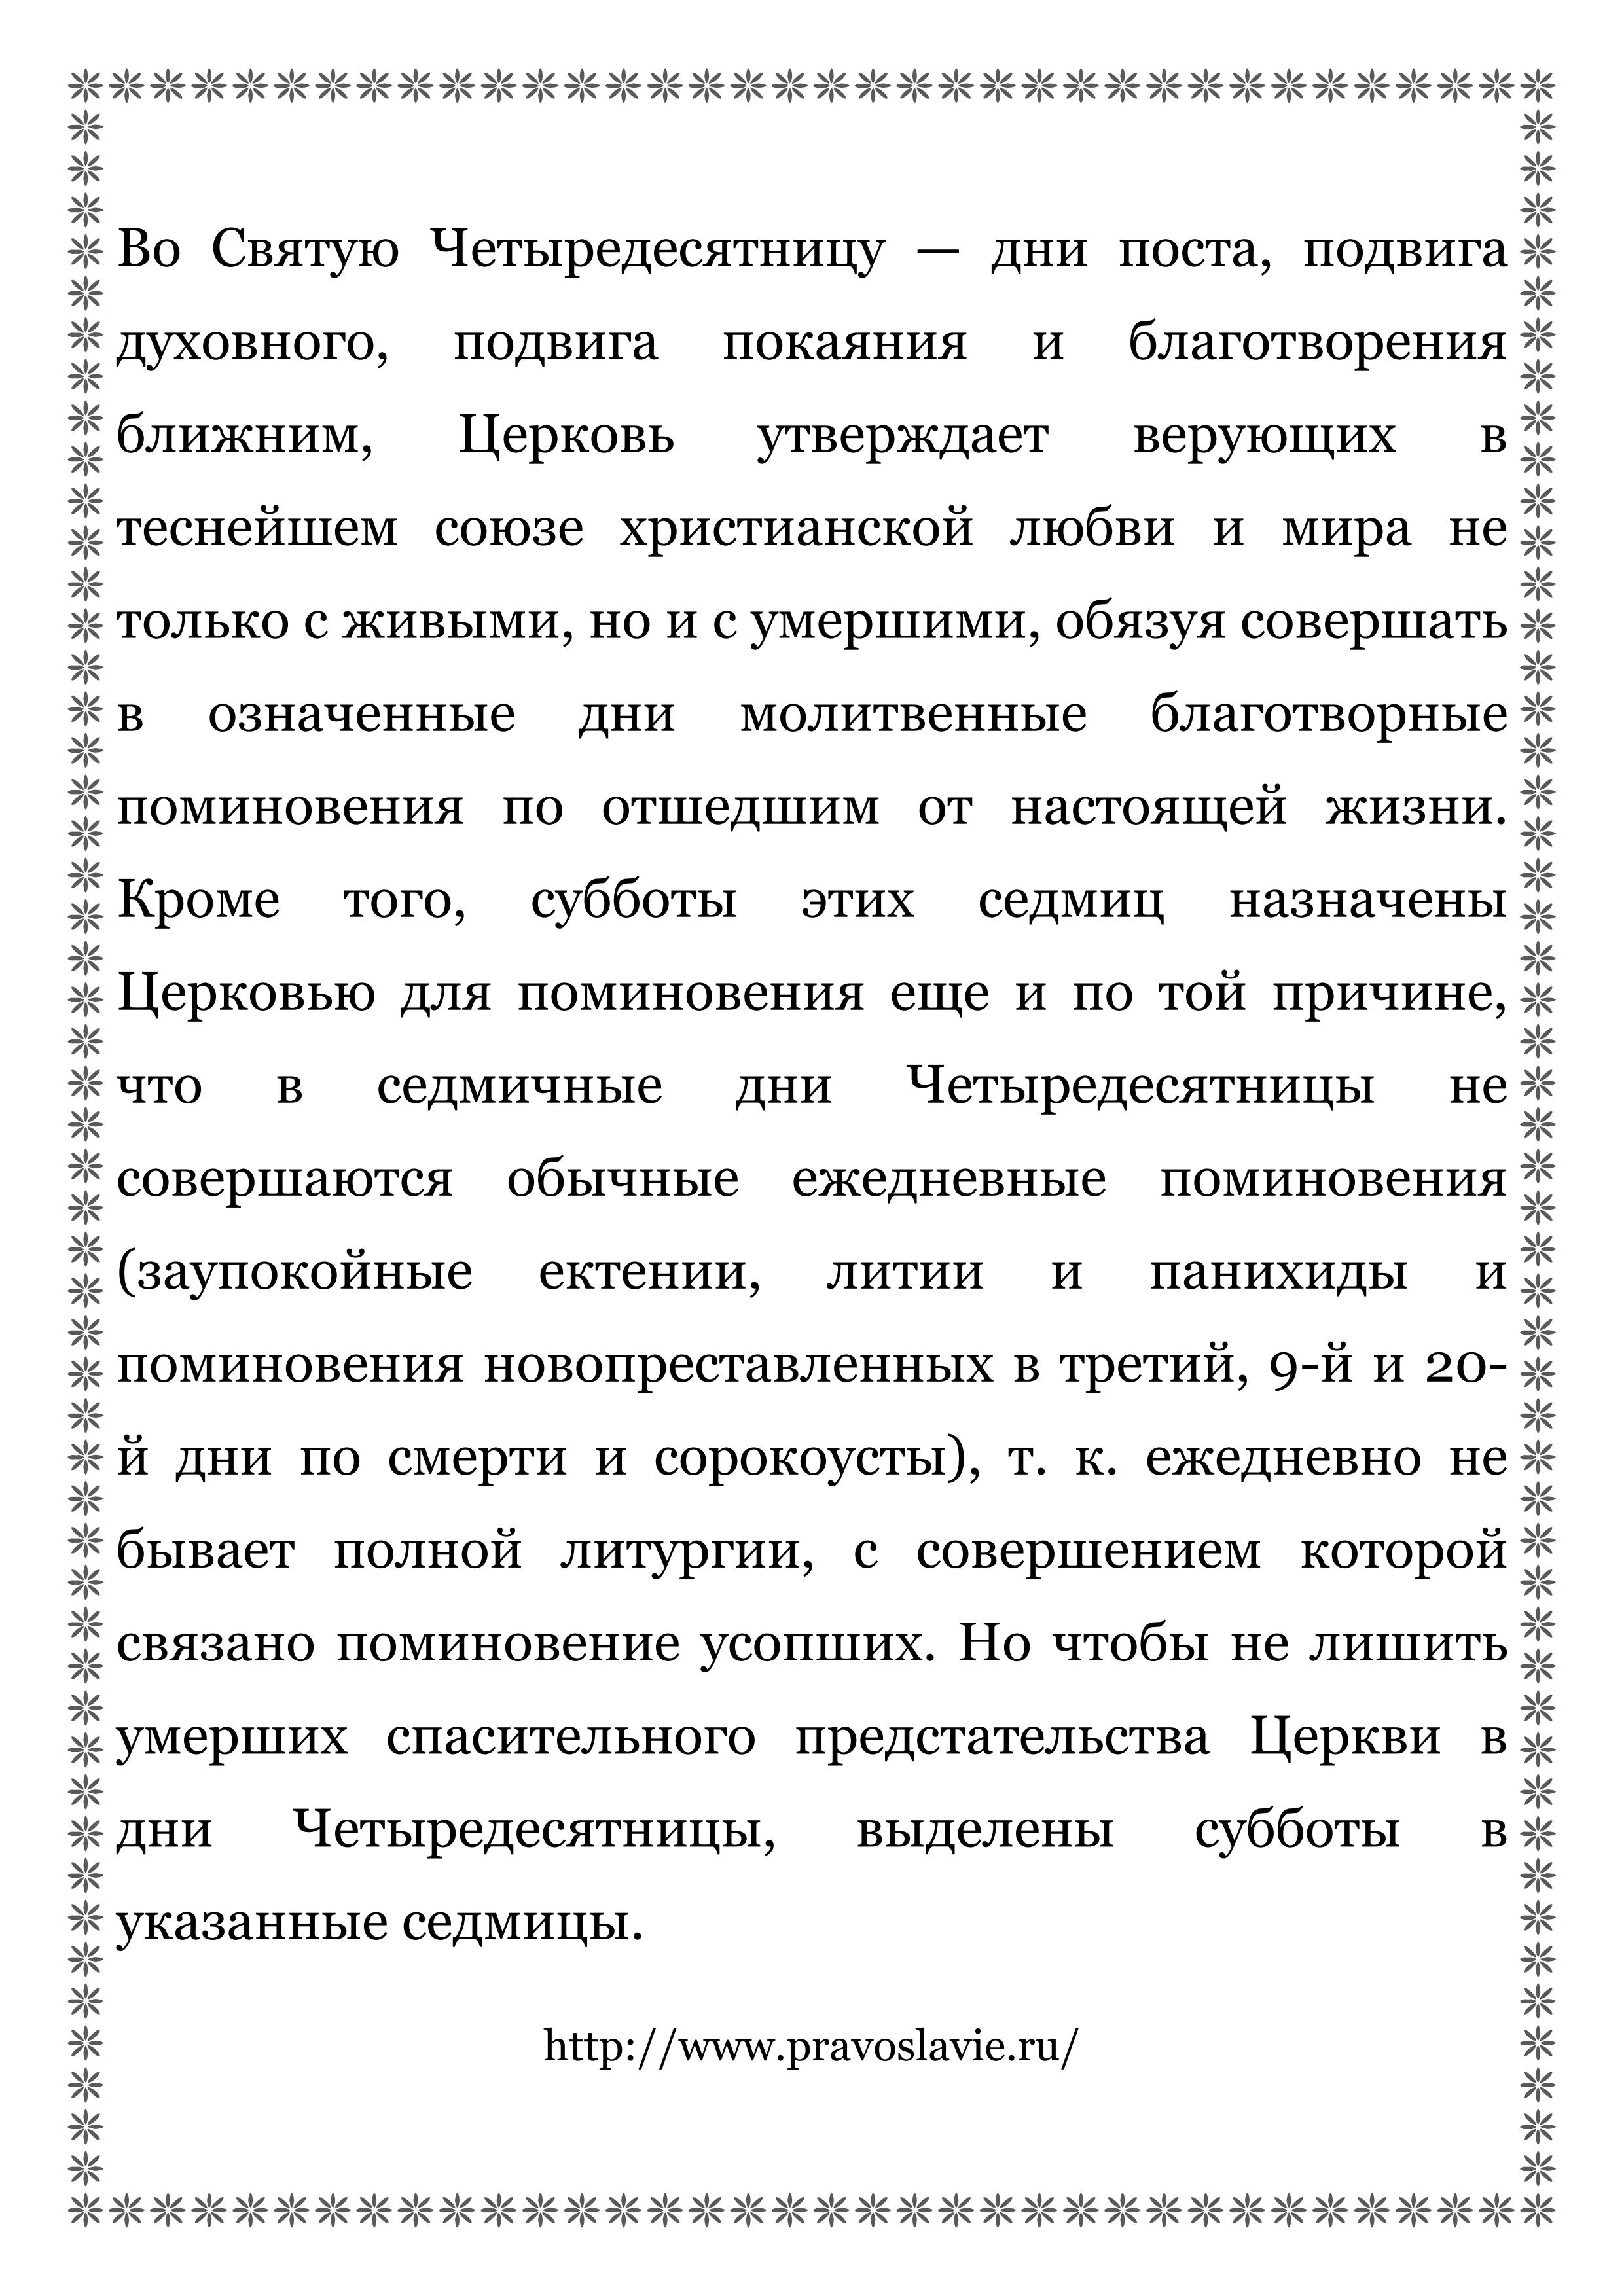 дни поминовения усопших_02